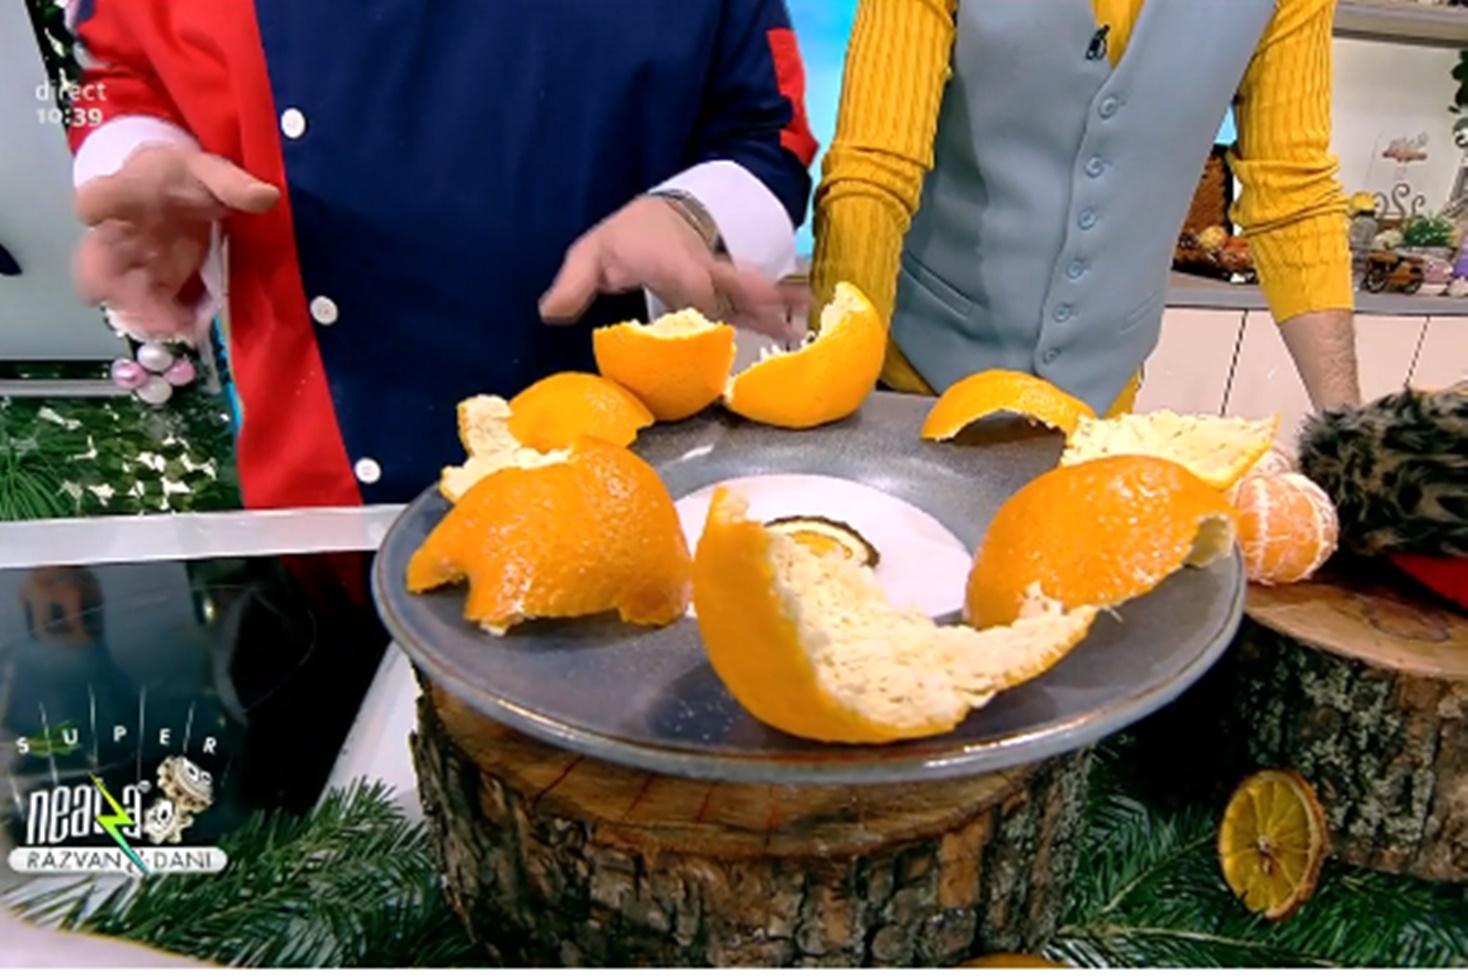 Cum se confiază corect coaja de portocală. Sfaturi utile de la Vlădutz, bucătarul de la Neatza cu Răzvan și Dani